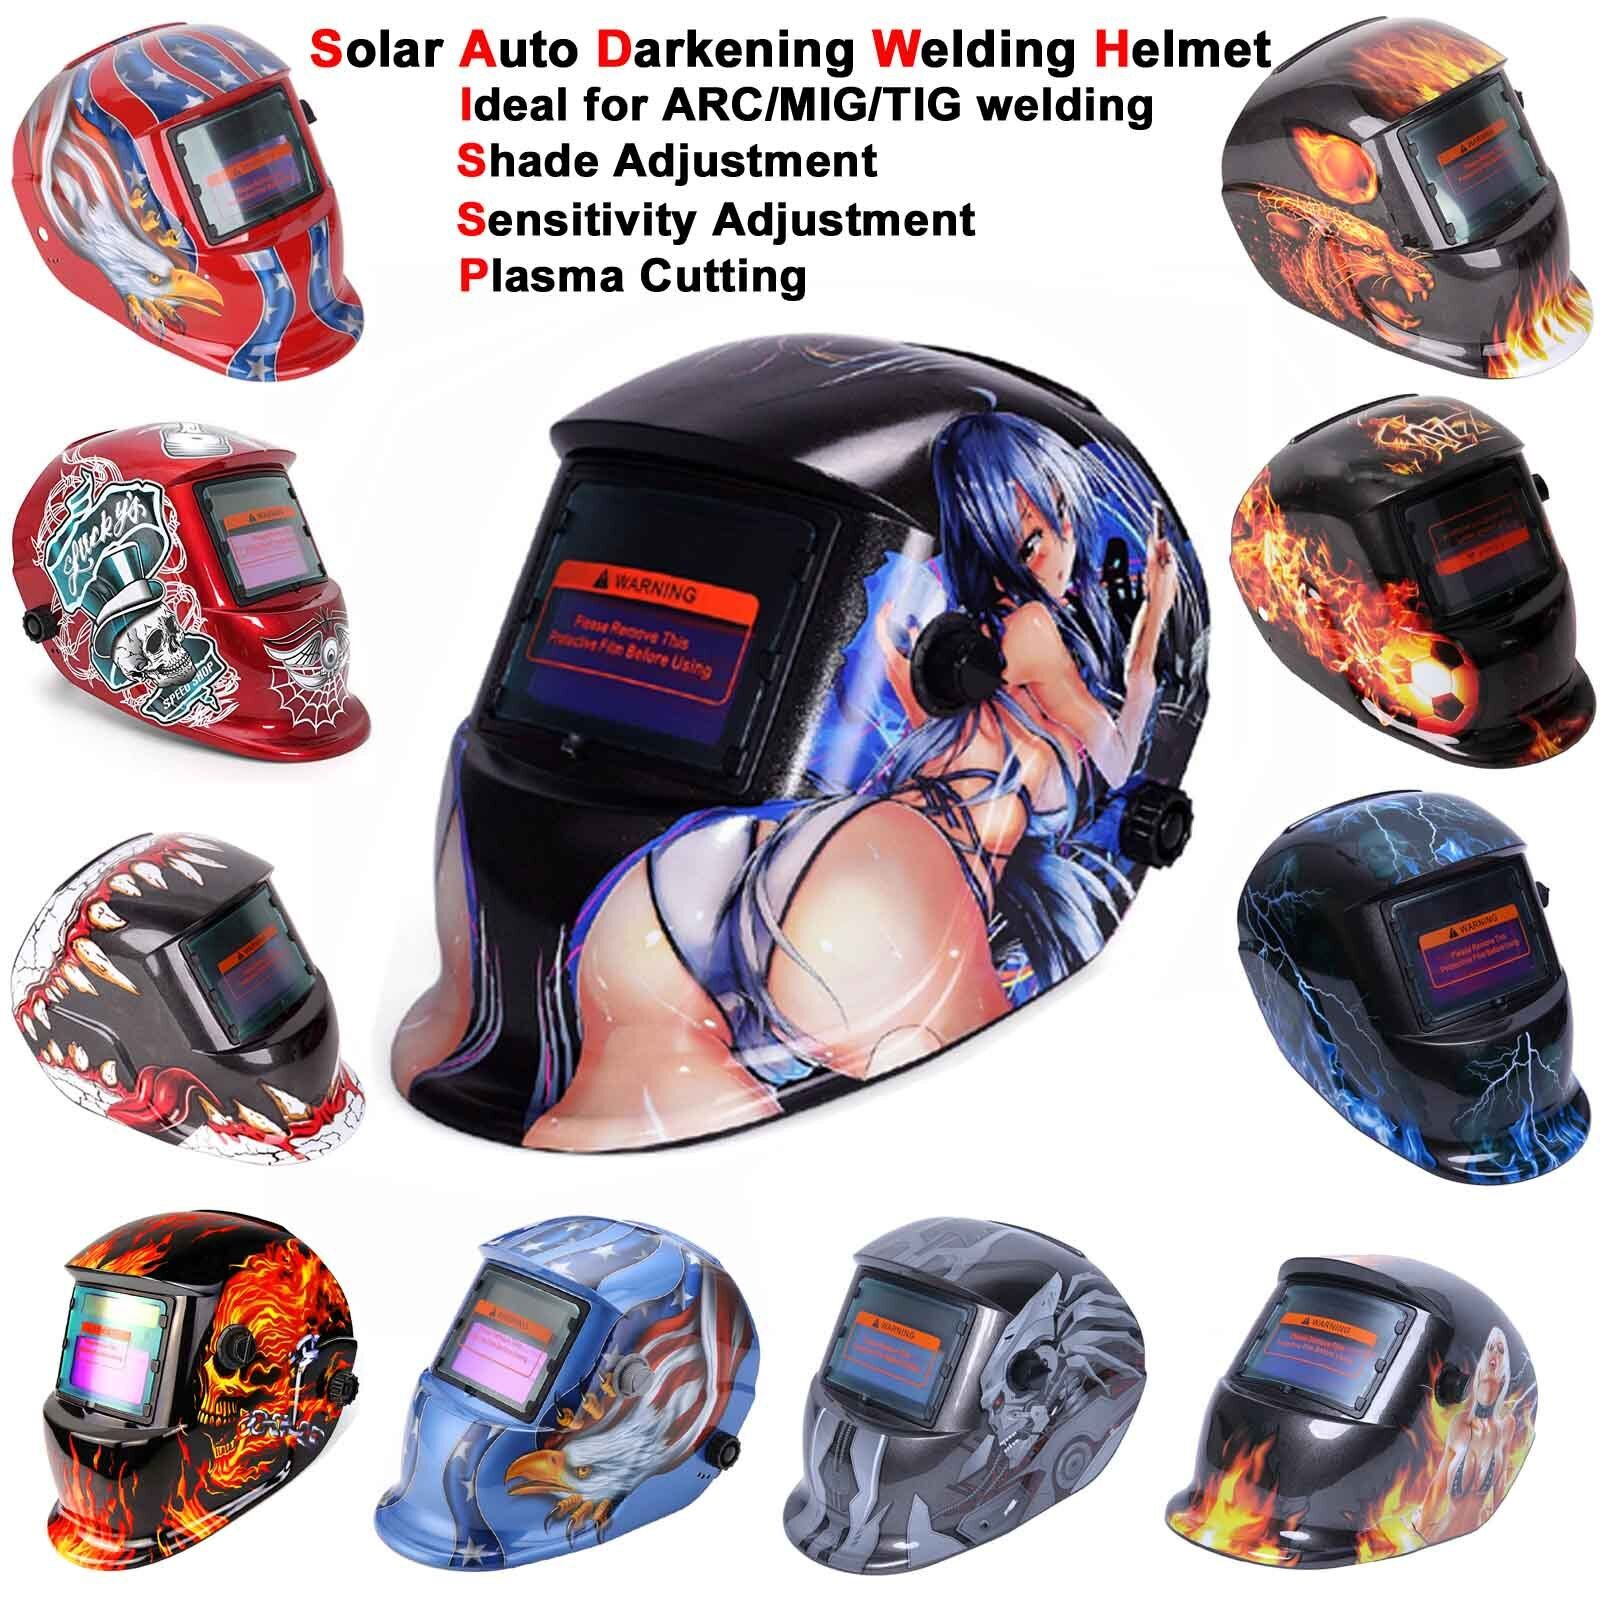 New Pro Solar Welding Helmet Auto Darkening Arc Tig Mig Grinding Welders Mask